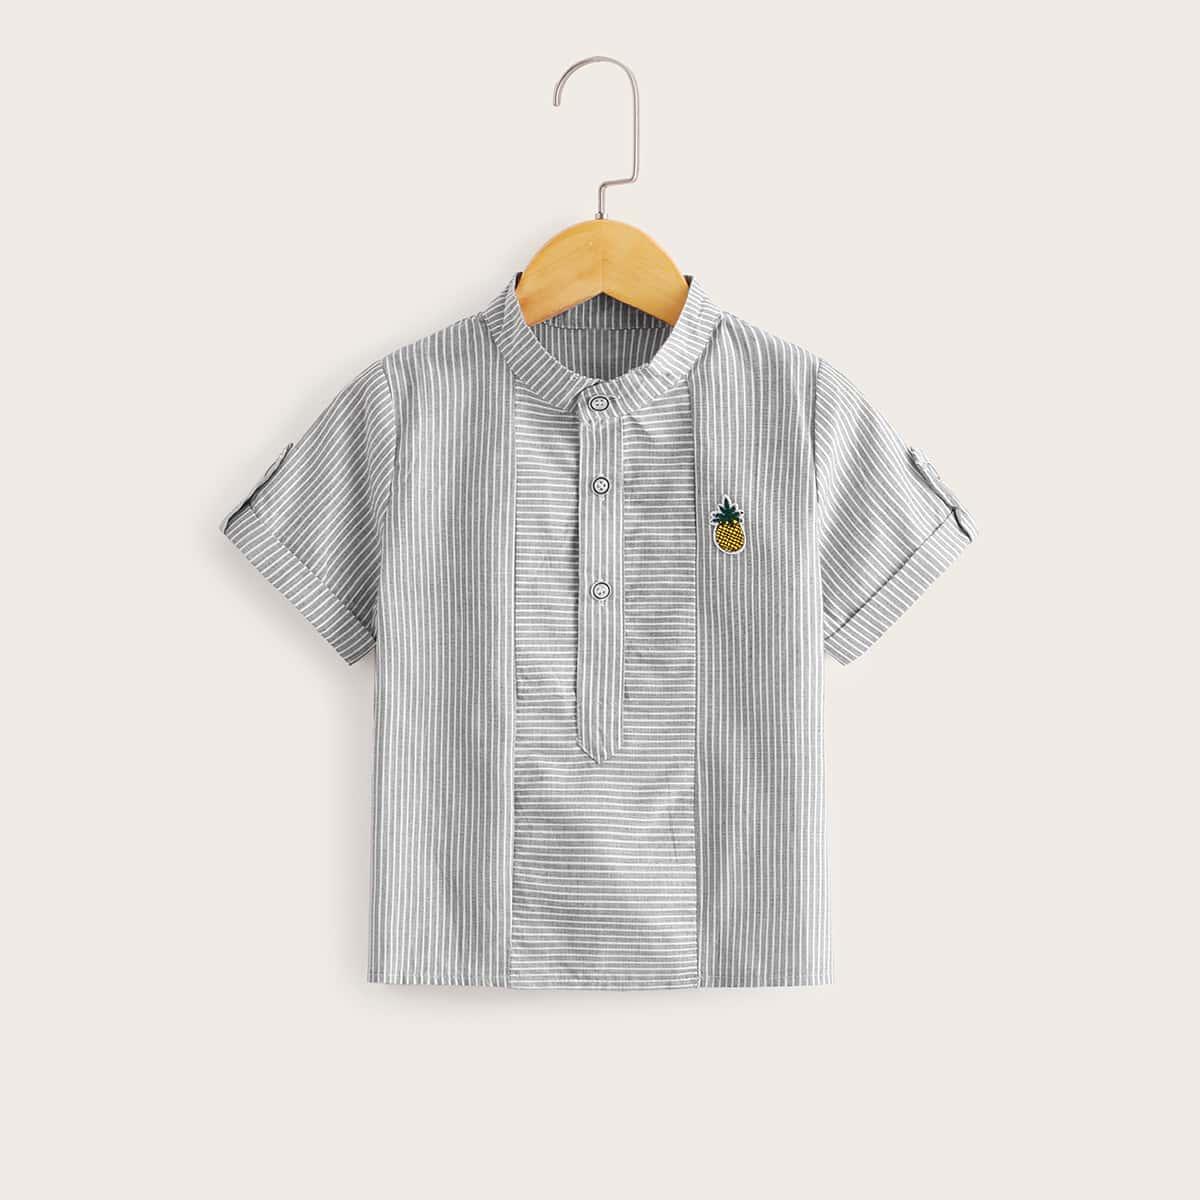 Полосатая рубашка с заплатой и пуговицами для мальчиков от SHEIN